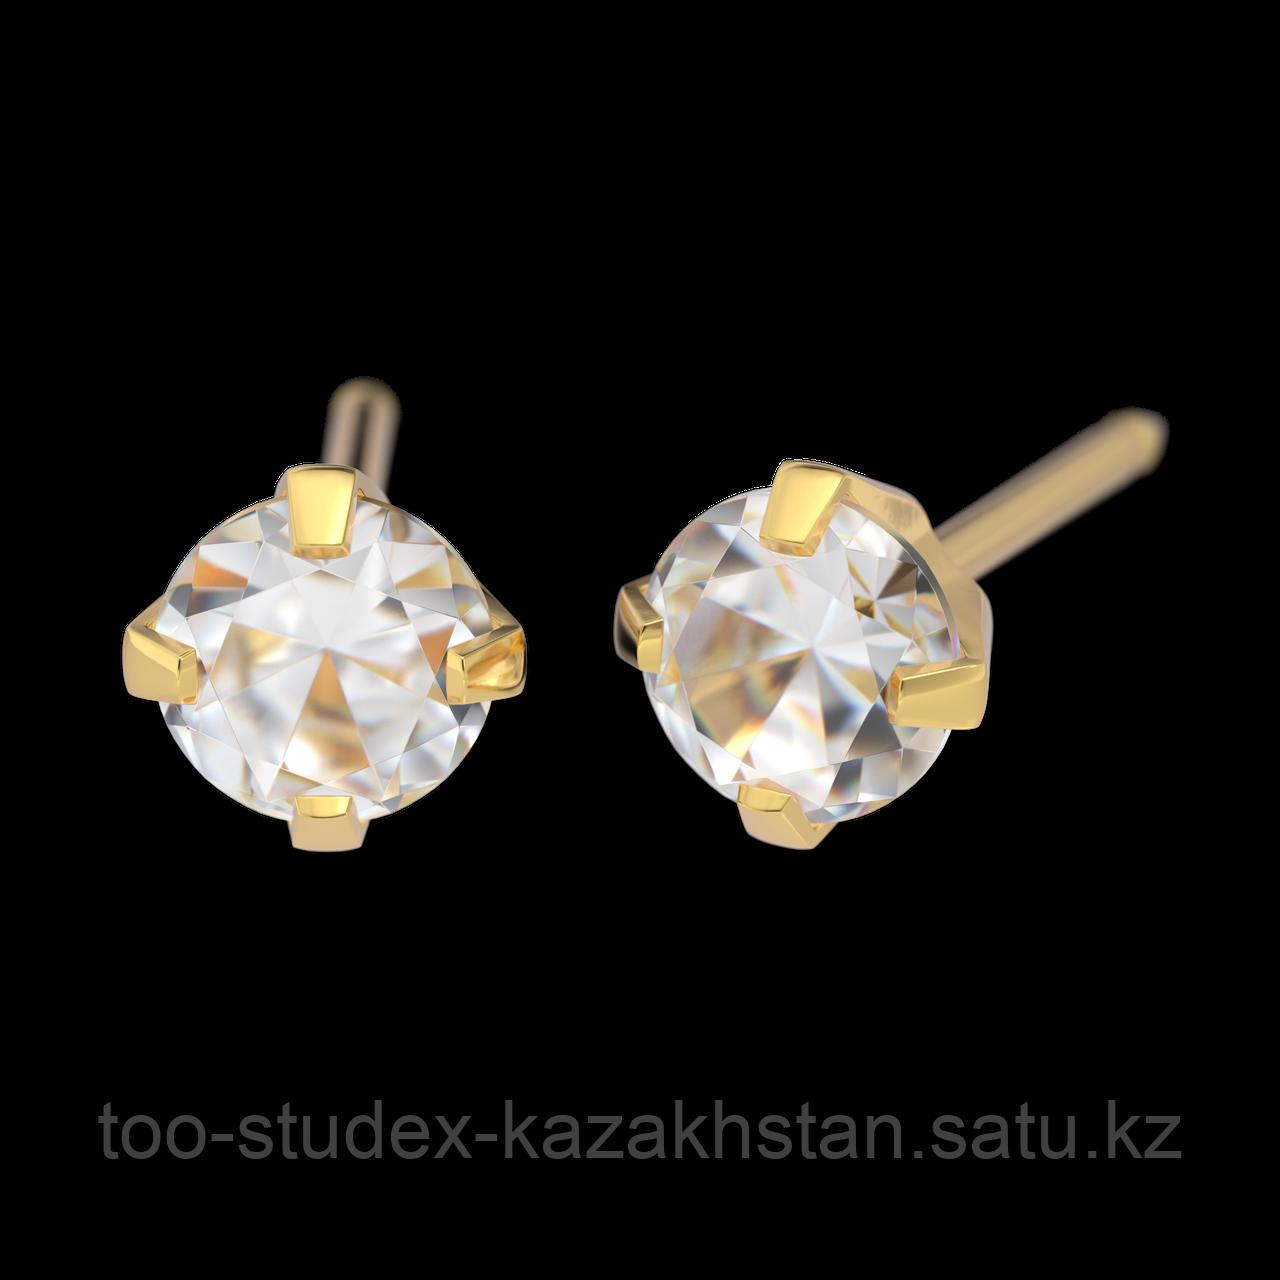 7521-0100 Серьги-иглы System75™ с кубиком циркония 4 мм